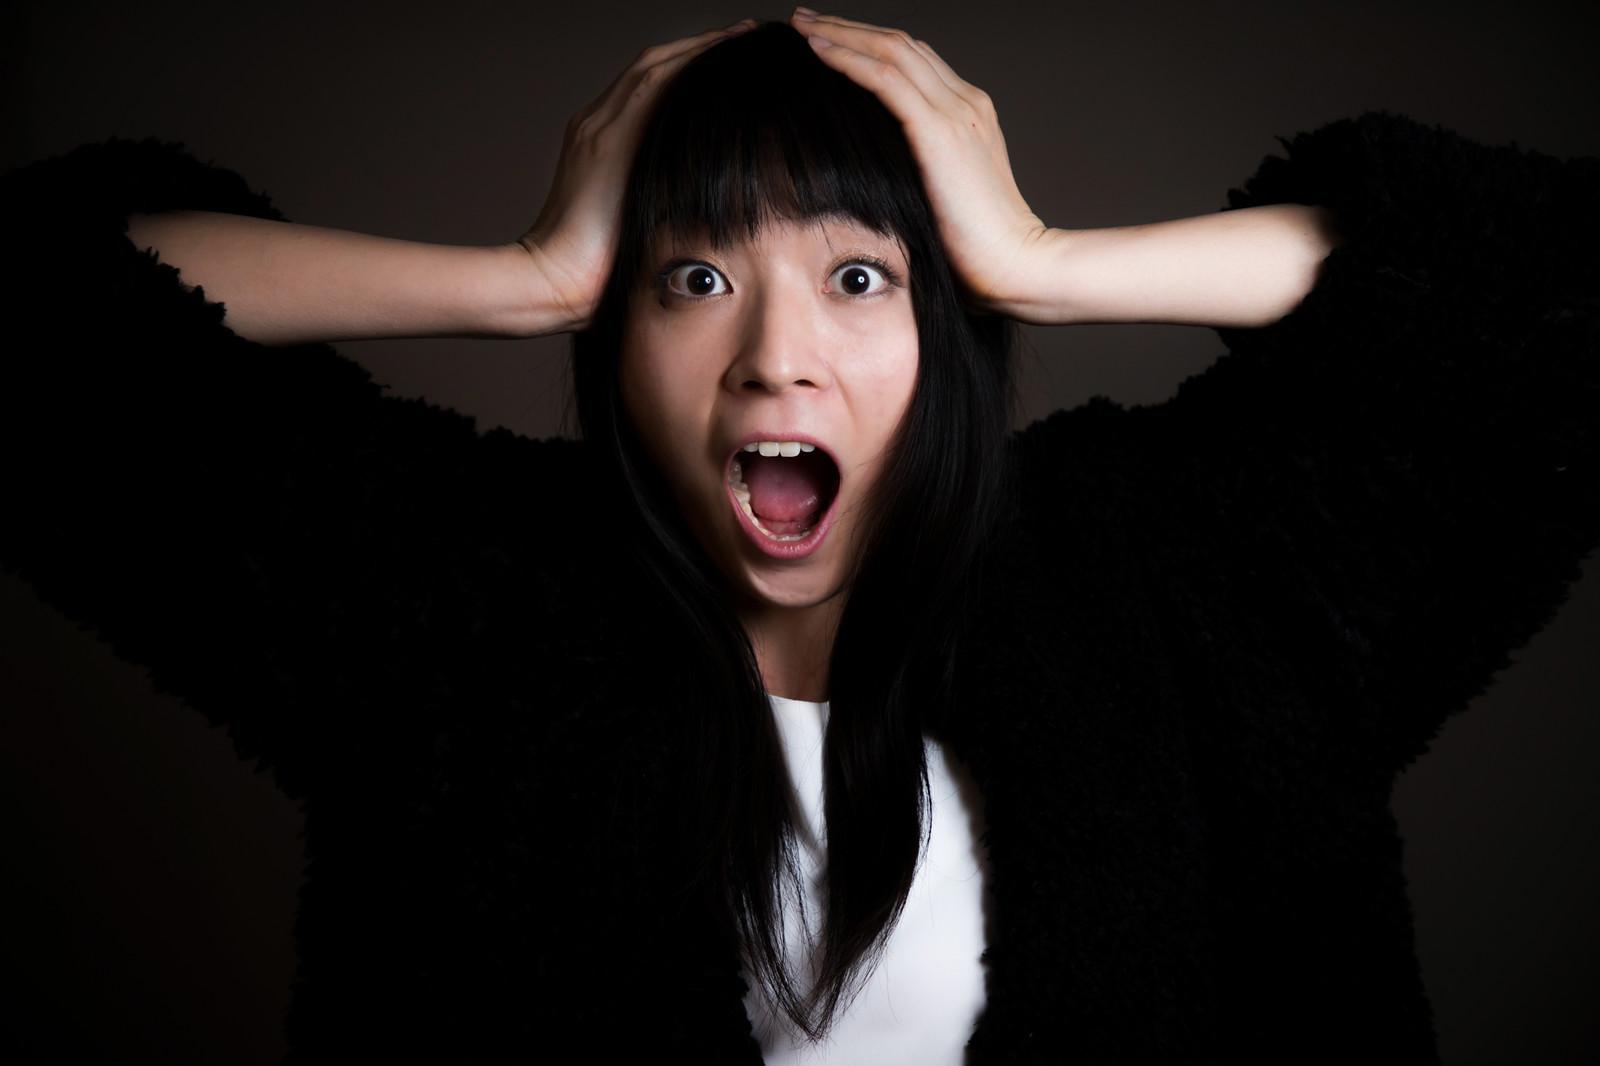 頭を抱えて叫んでいる女性